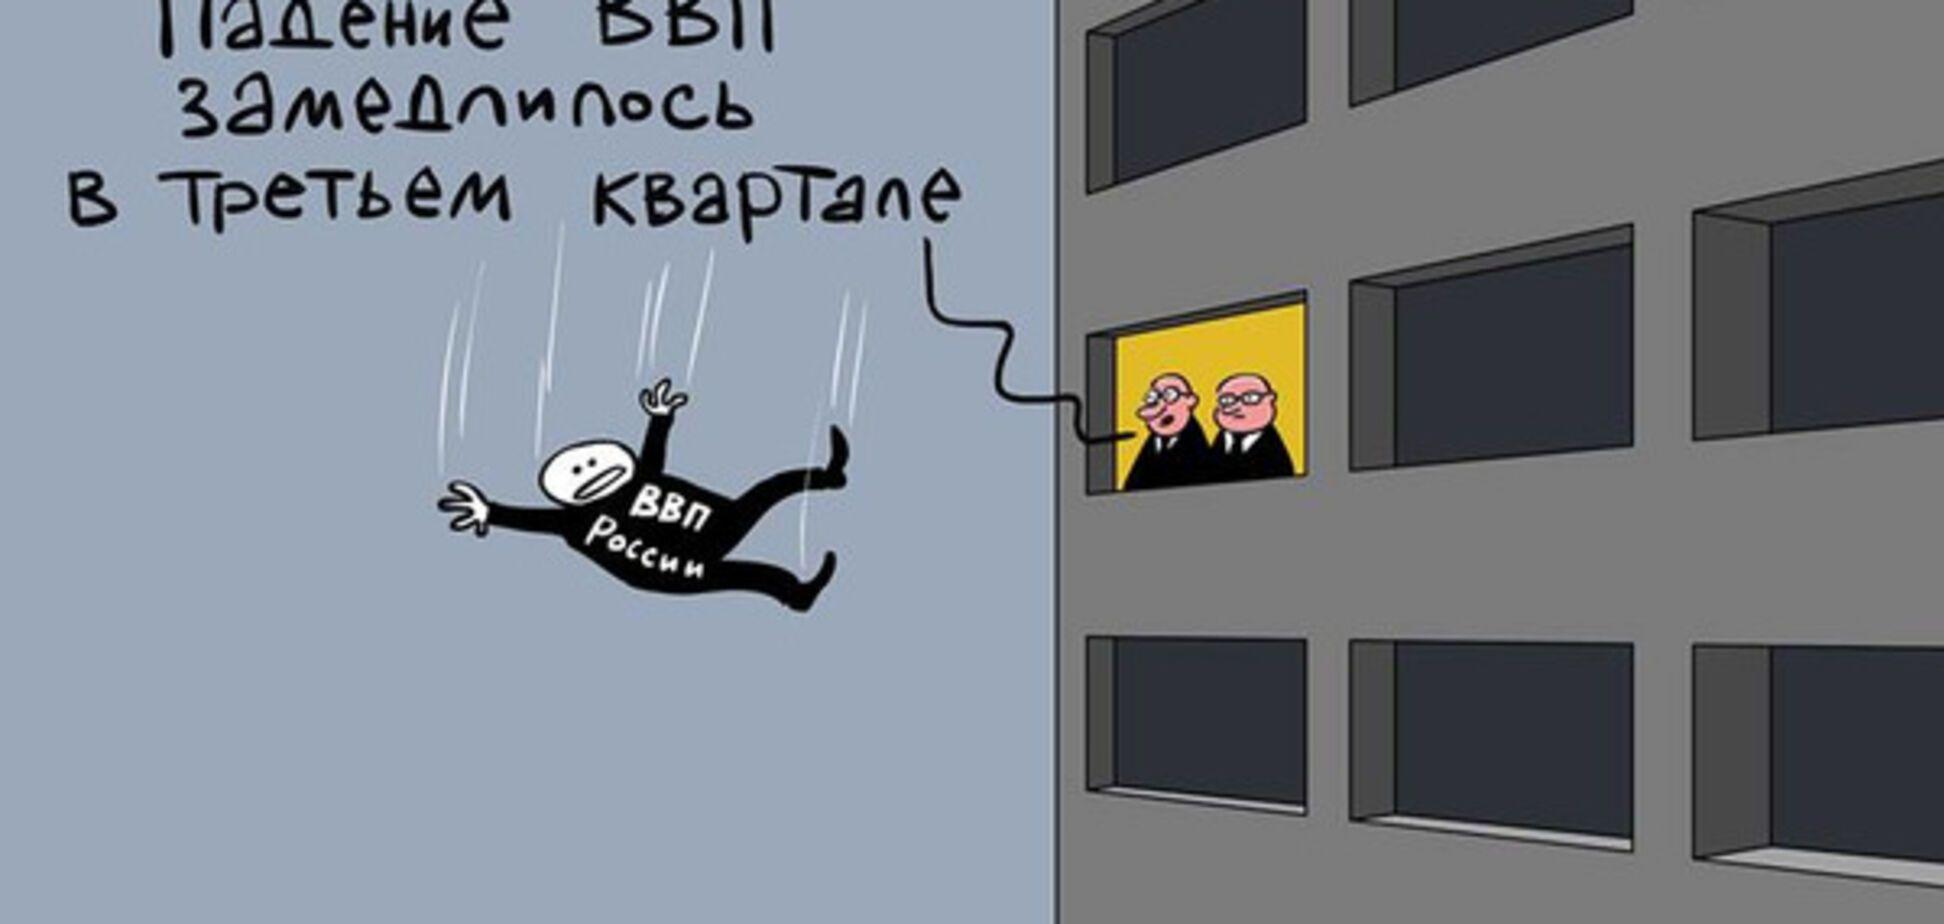 Карикатура \'Падение ВВП России\'